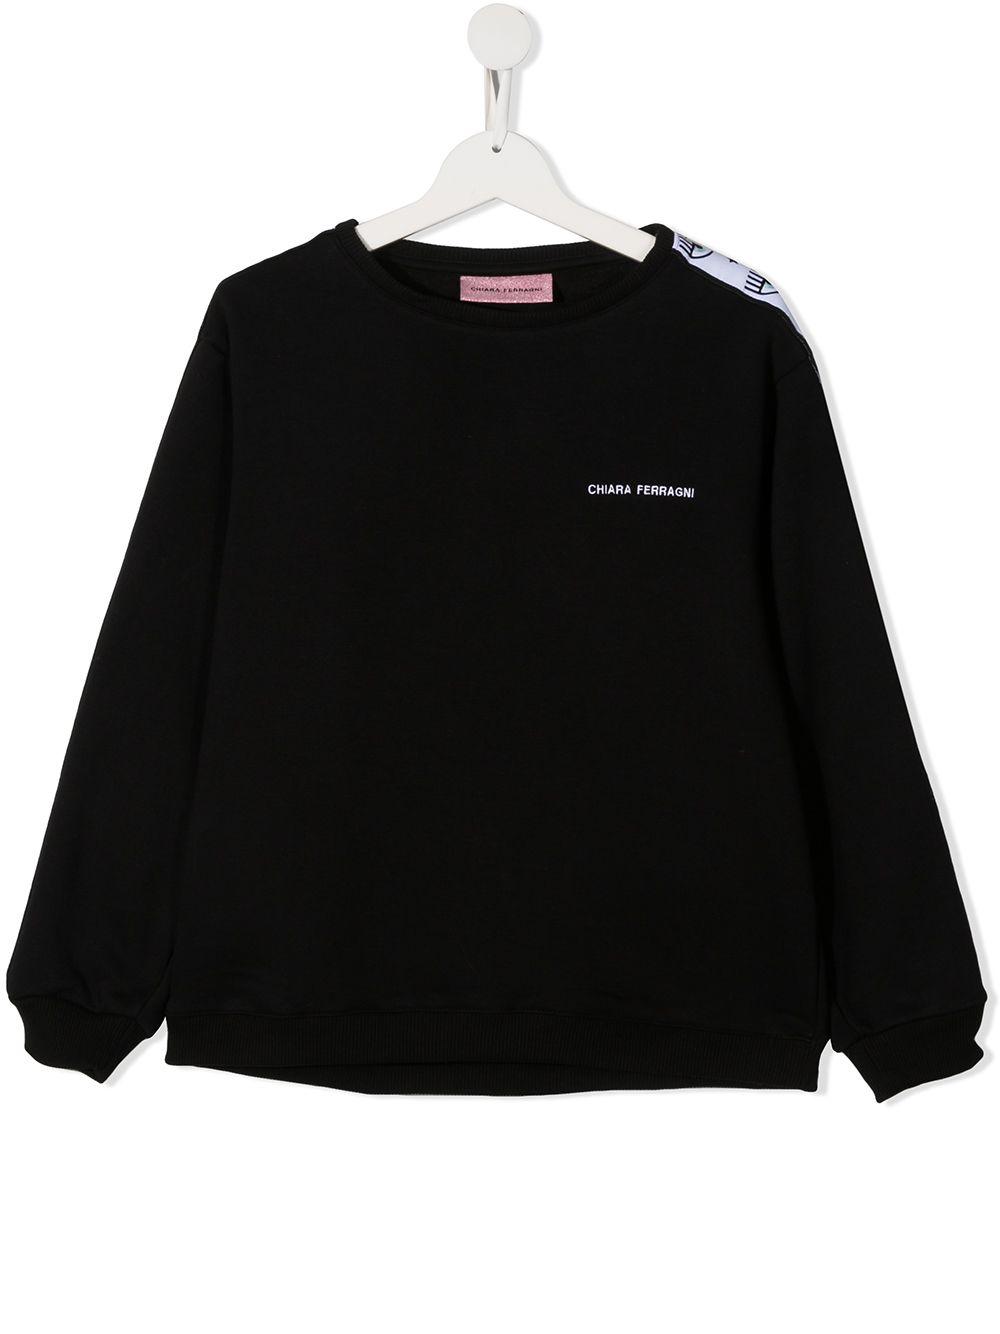 CHIARA FERRAGNI | Sweatshirt | CFK036NET